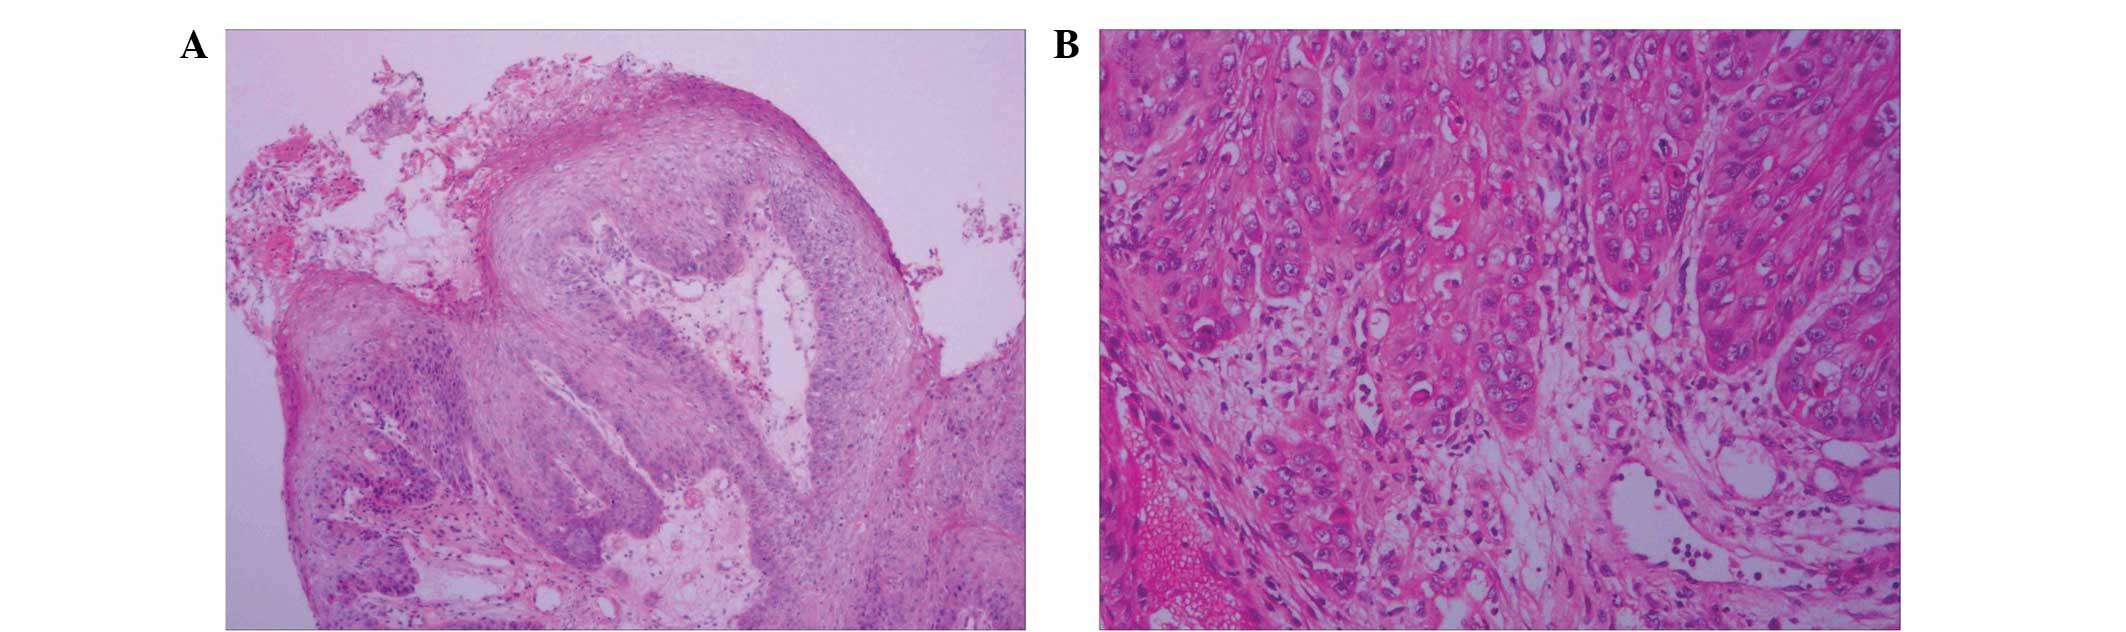 respiratory papillomatosis histology